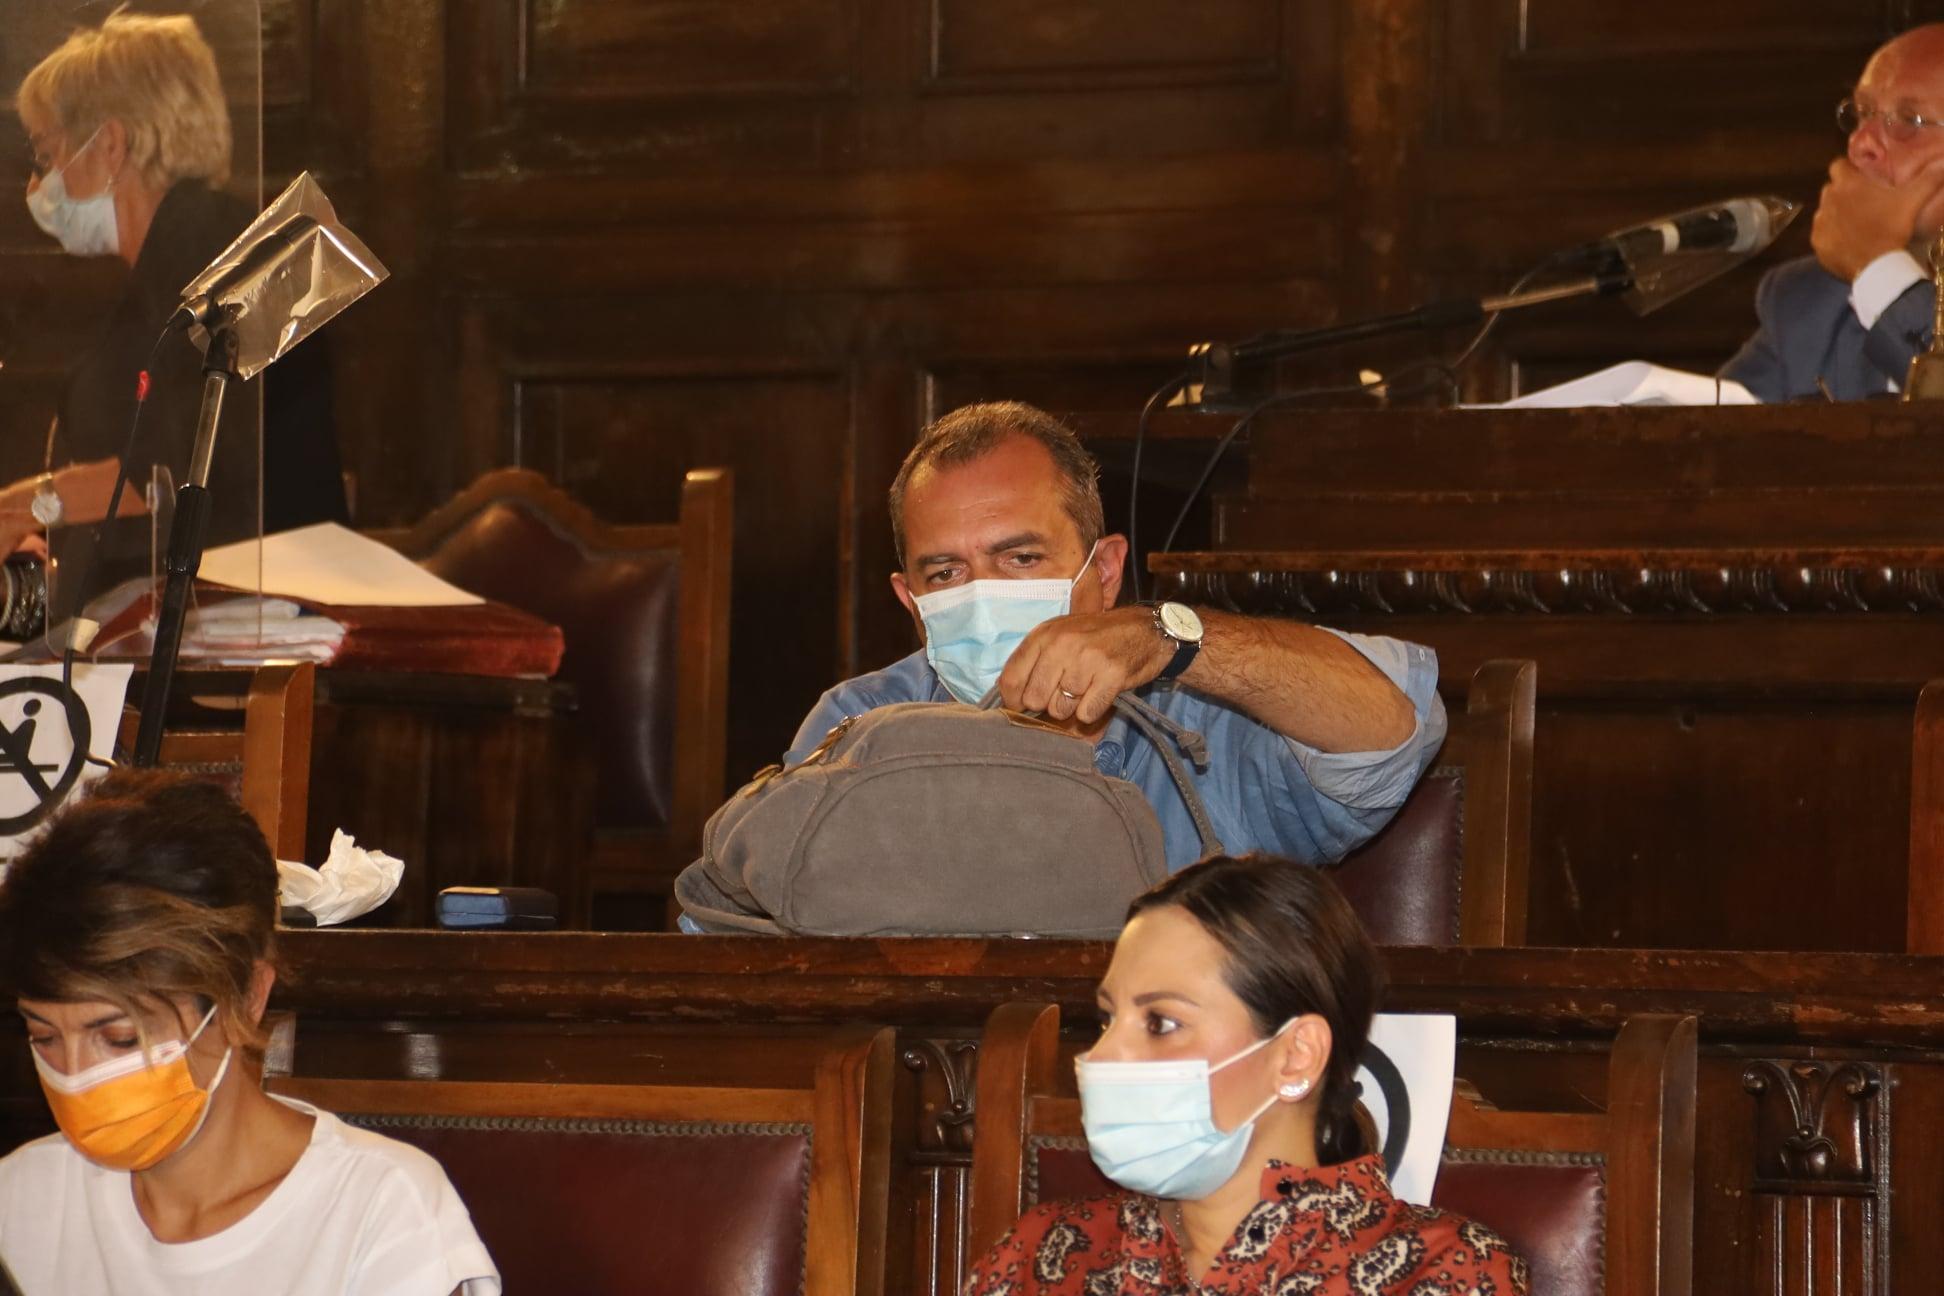 Napoli, il partito unico approva il bilancio comunale tra finti abbracci e sorrisi ipocriti